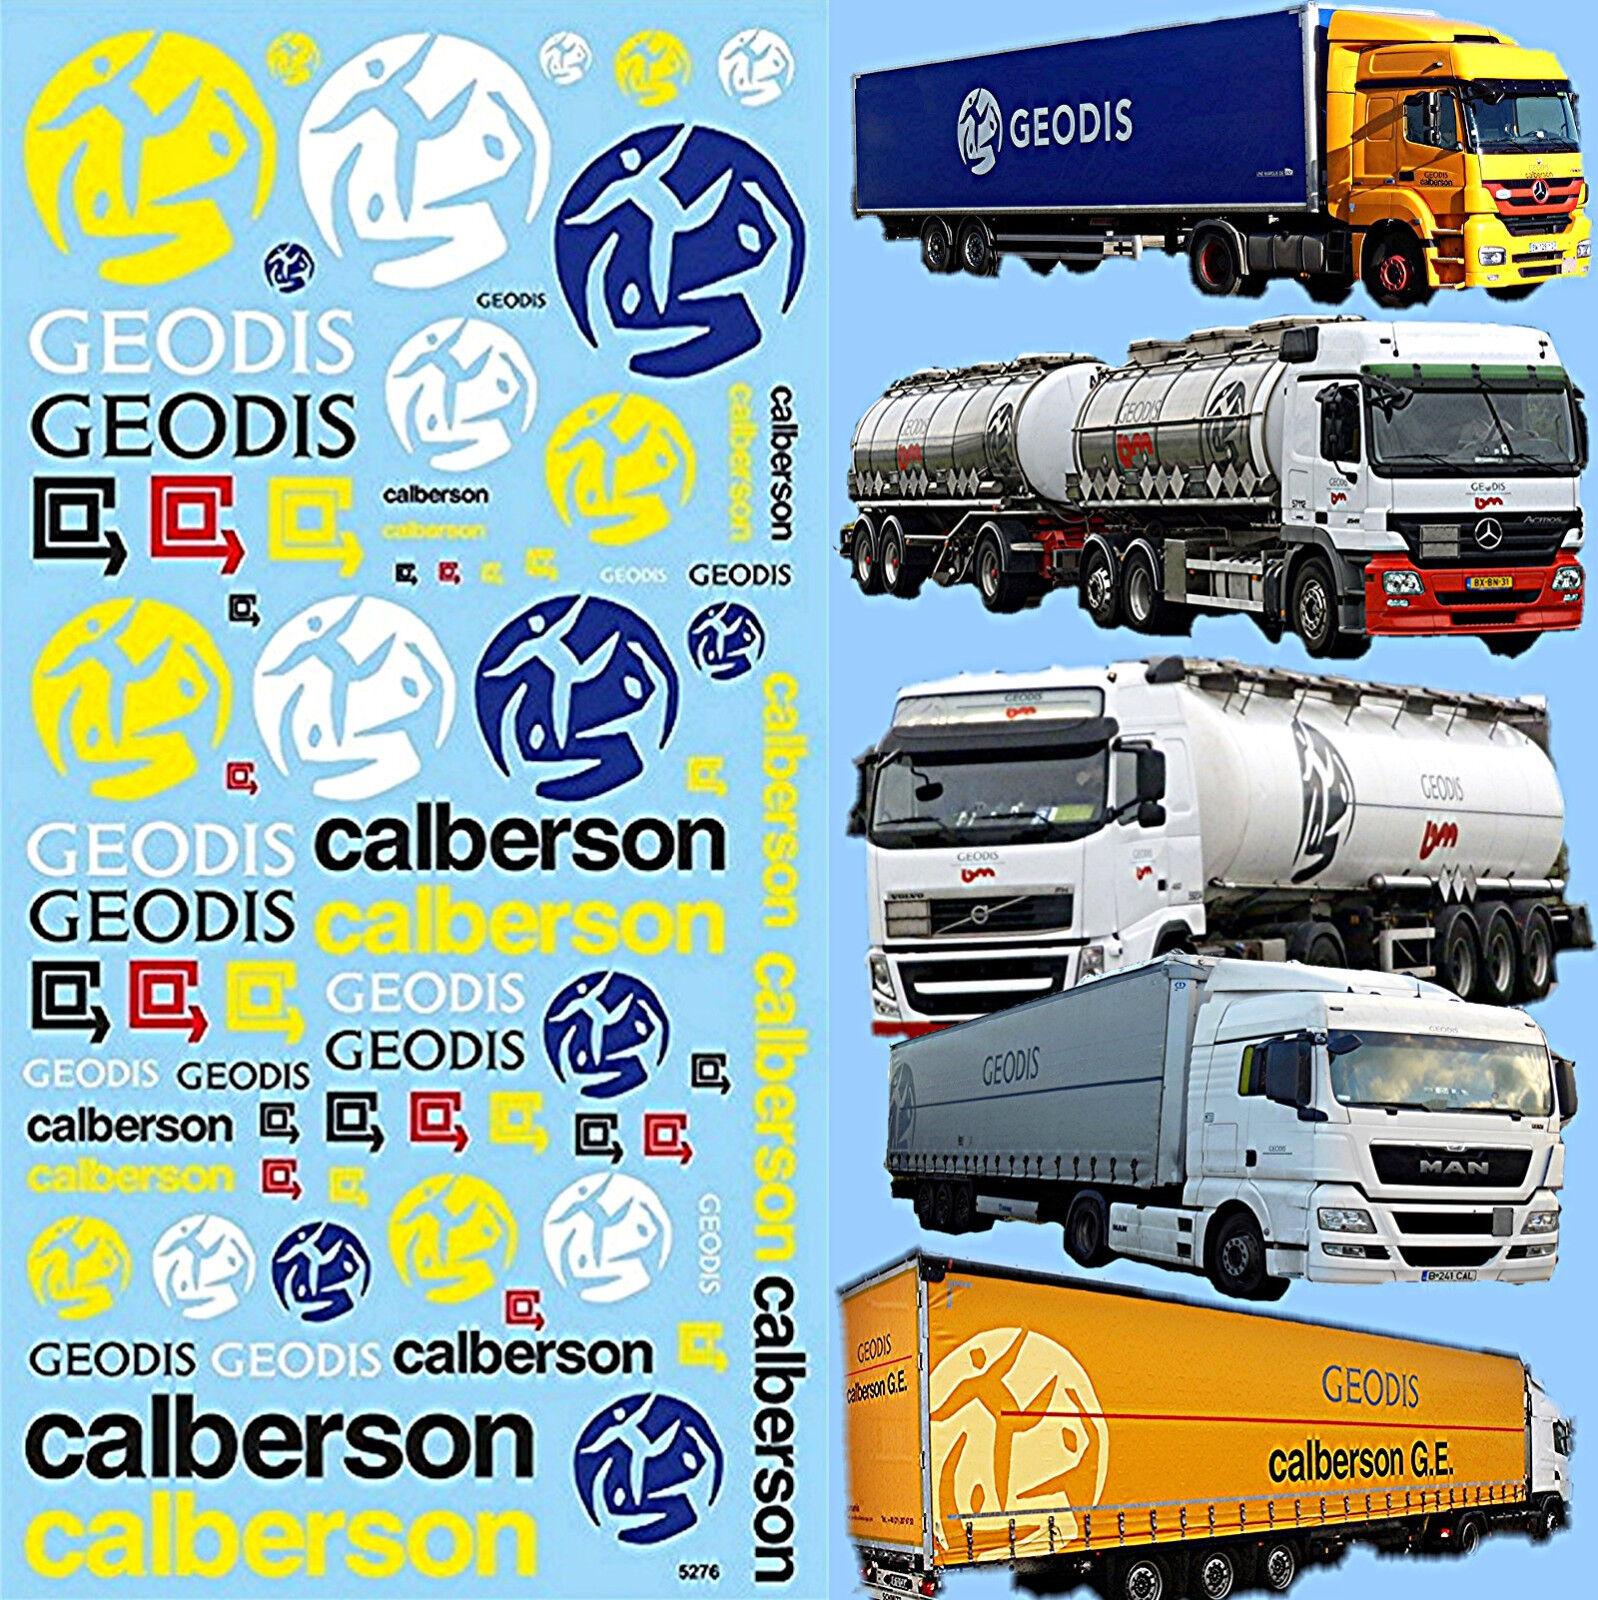 Se MB MB MB scania camiones trucks patrocinadores calberson New geodis 1 87 decal estampados d9d872